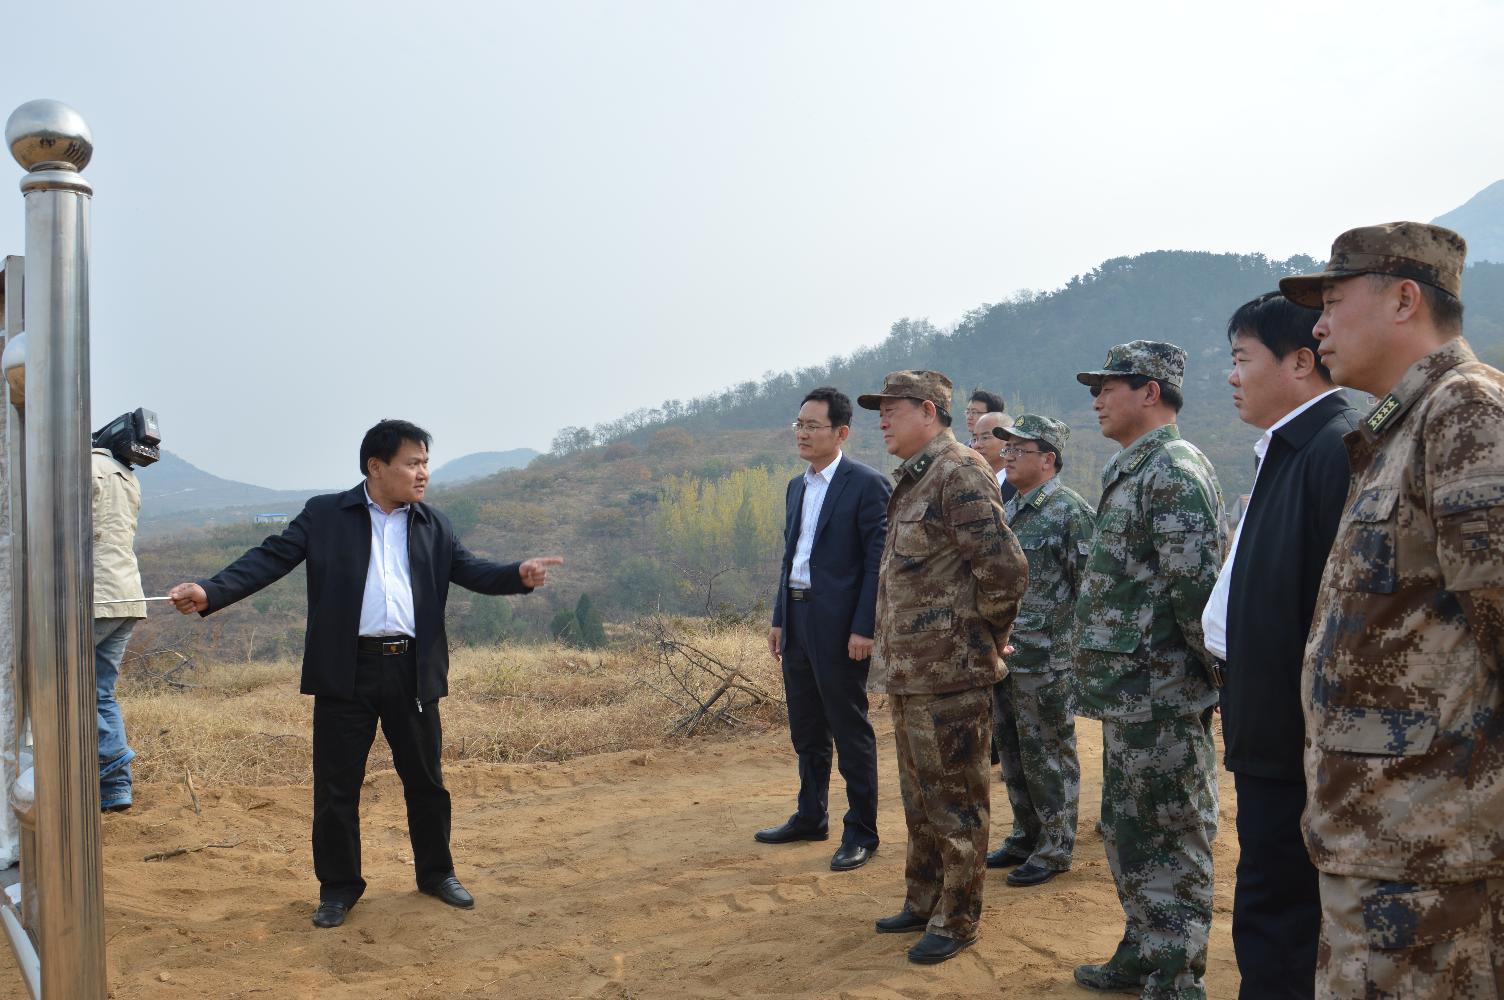 人防办主任时宪勇向省军区司令员讲解莱芜疏散基地建设规划情况